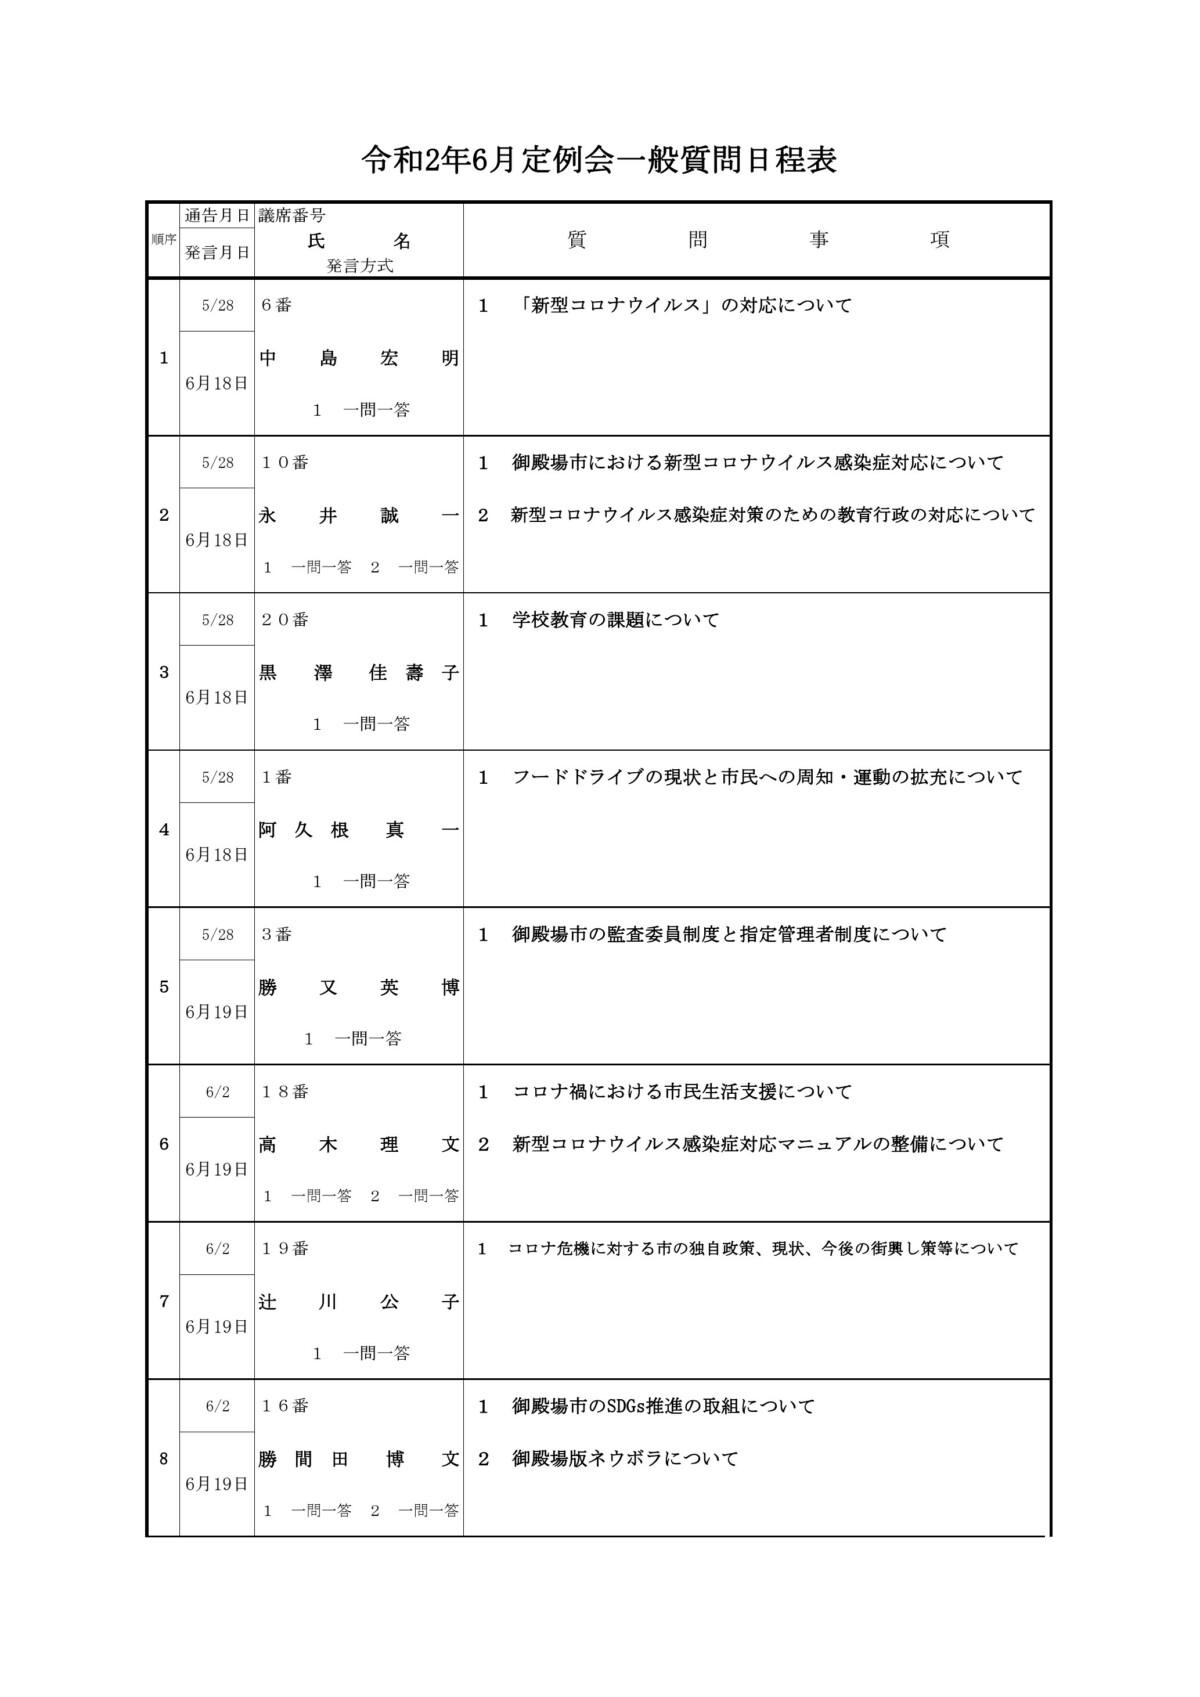 令和2年6月定例会 一般質問日程表